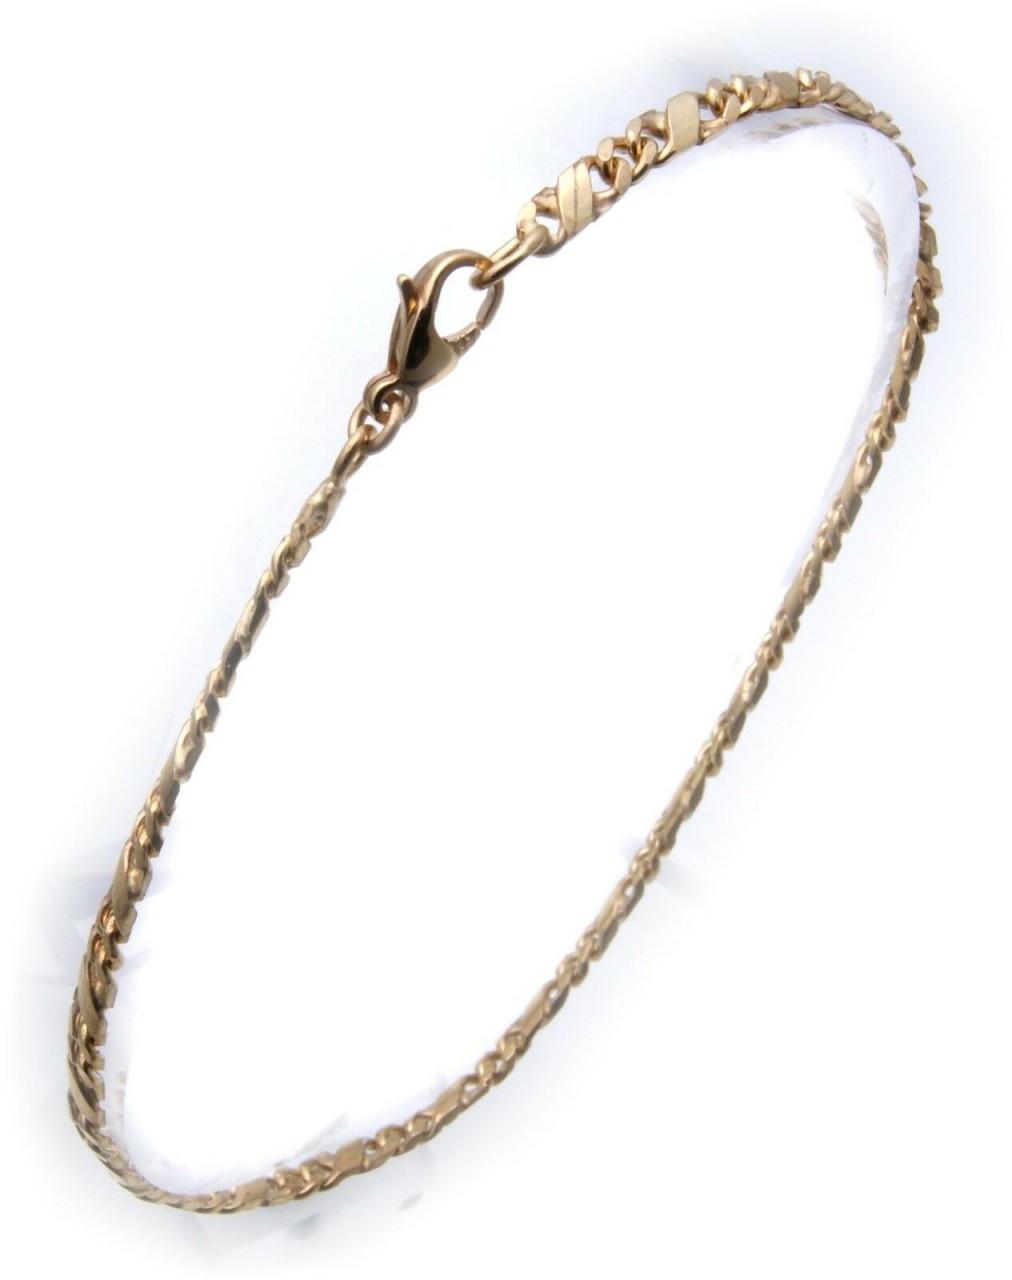 Armband Dollarkette in echt Gold 333 19 cm 8kt Qualität Damen Gelbgold